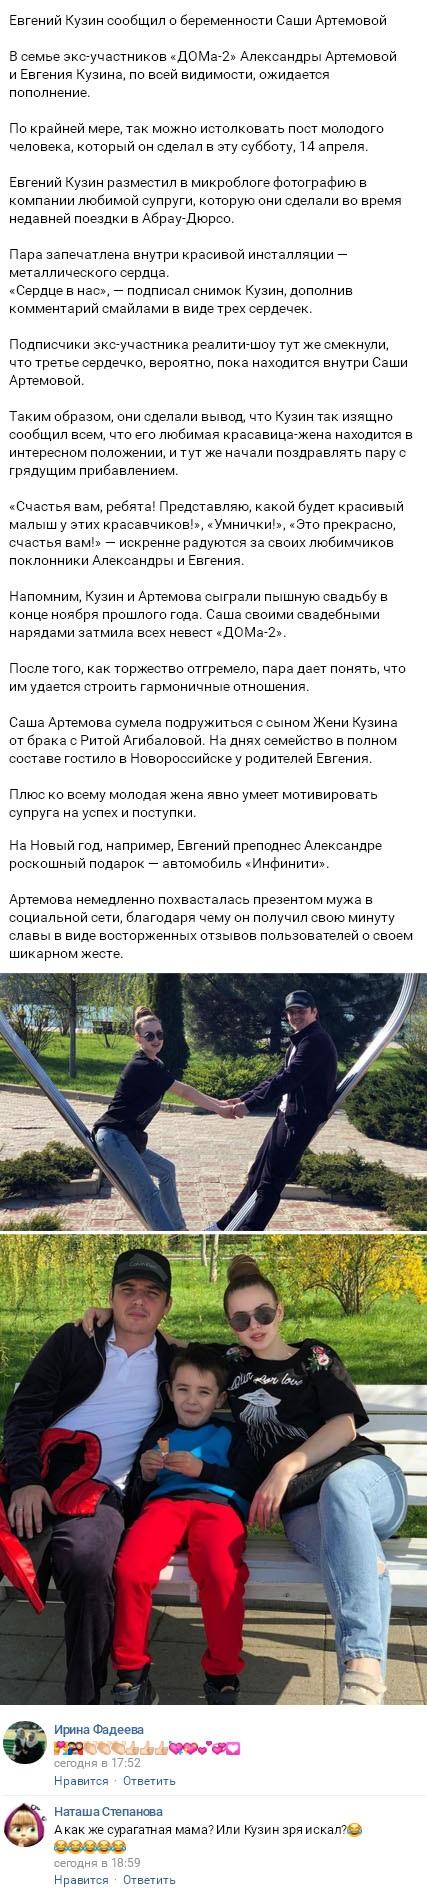 Александра артемова беременна от кузина 2017 841